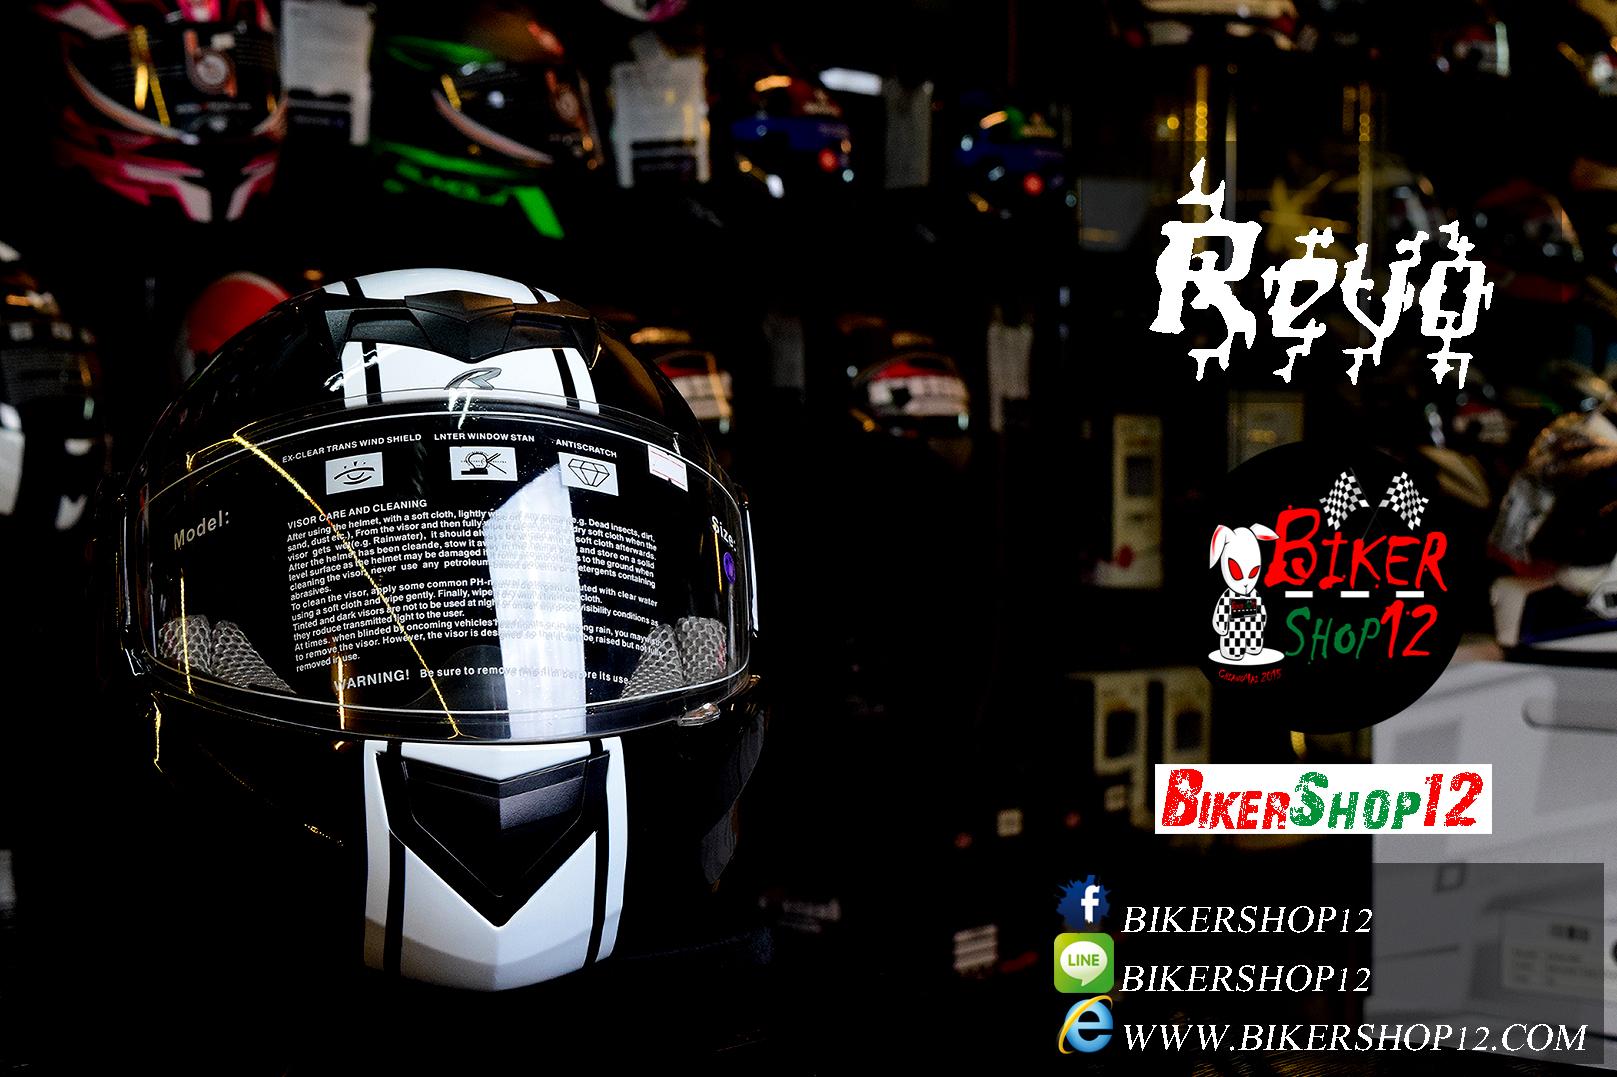 หมวกกันน็อคRider (ยกคางได้) รุ่น Revo สีดำ-ขาว สำเนา